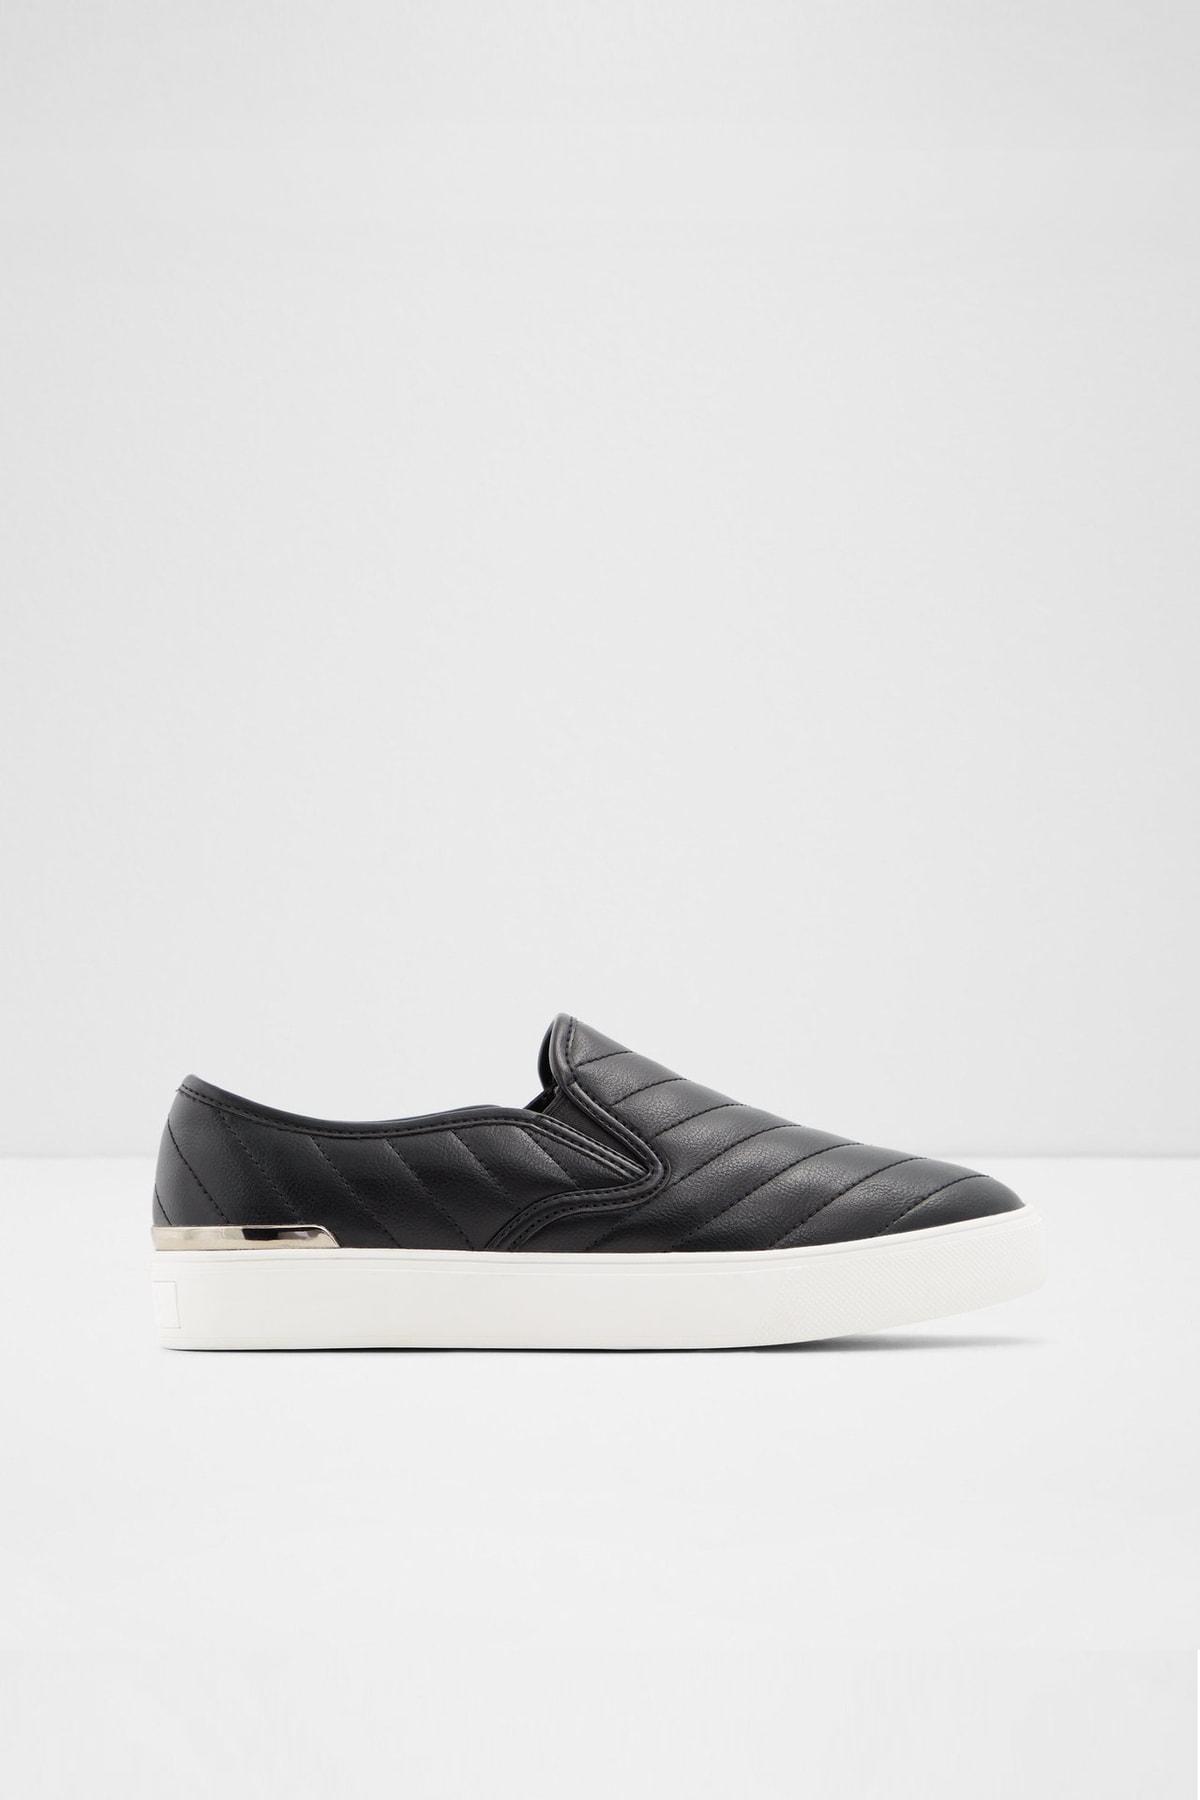 Aldo Chevron - Siyah Kadın Sneaker 1